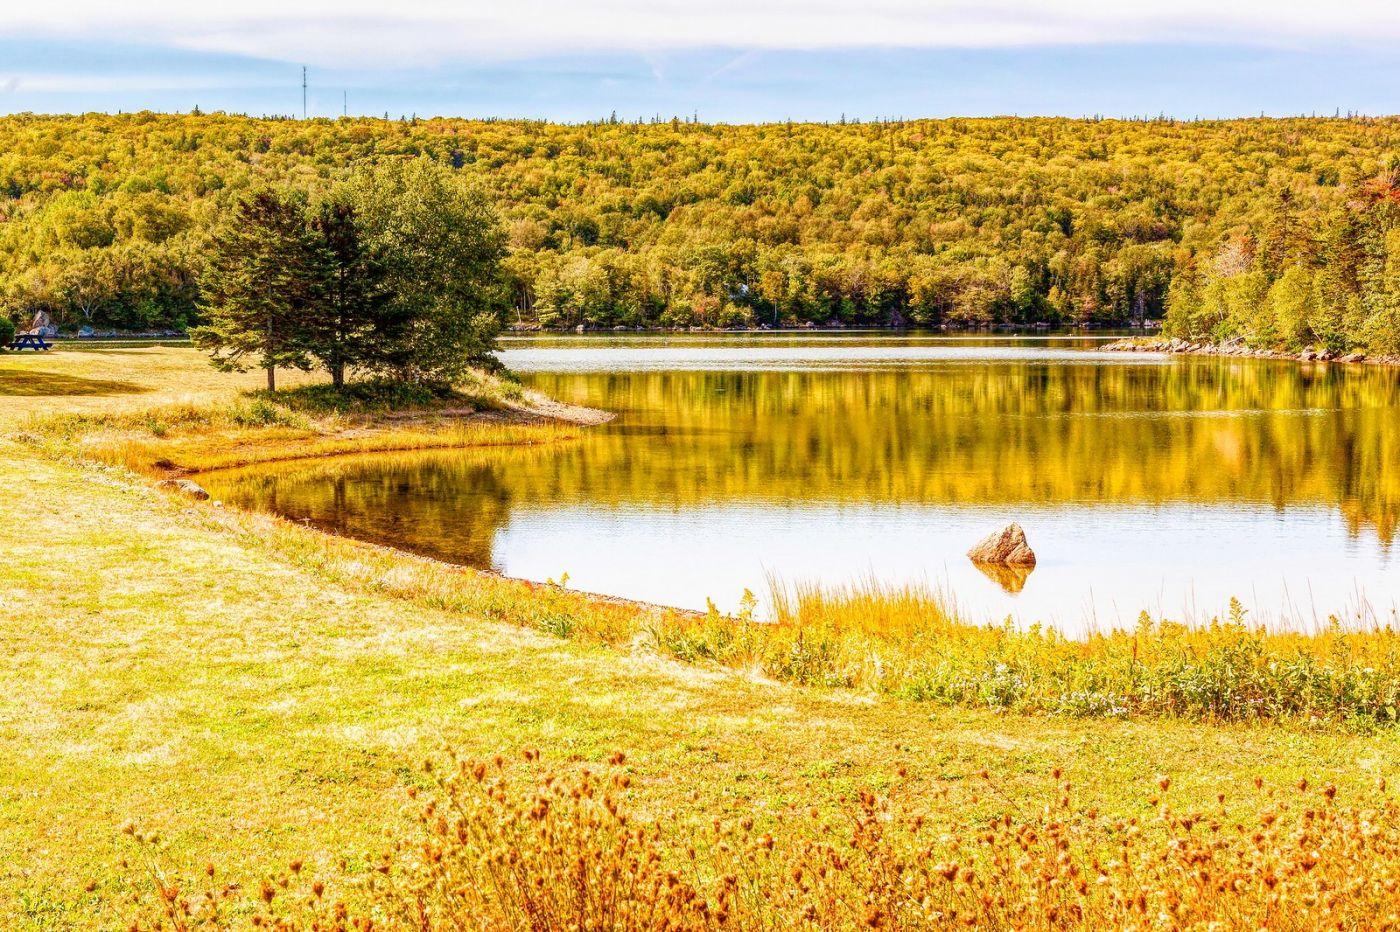 加拿大路途,水边抓拍_图1-26